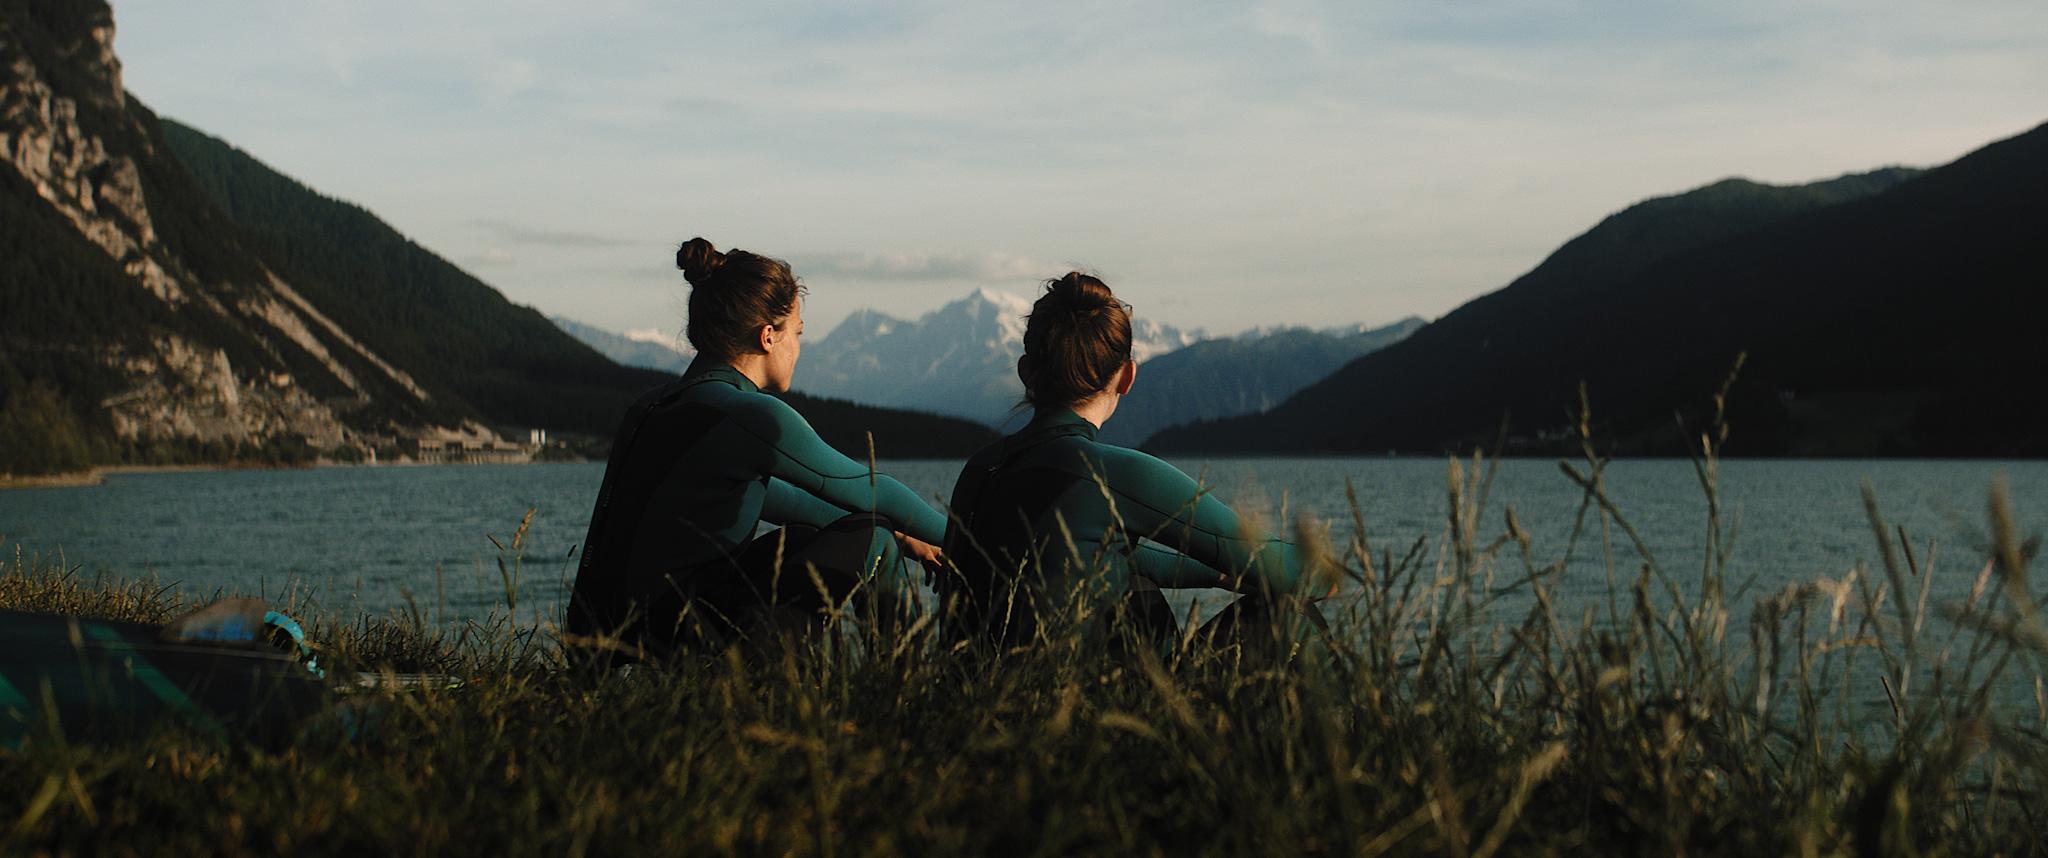 Still_Windstill_Elfenholz Film